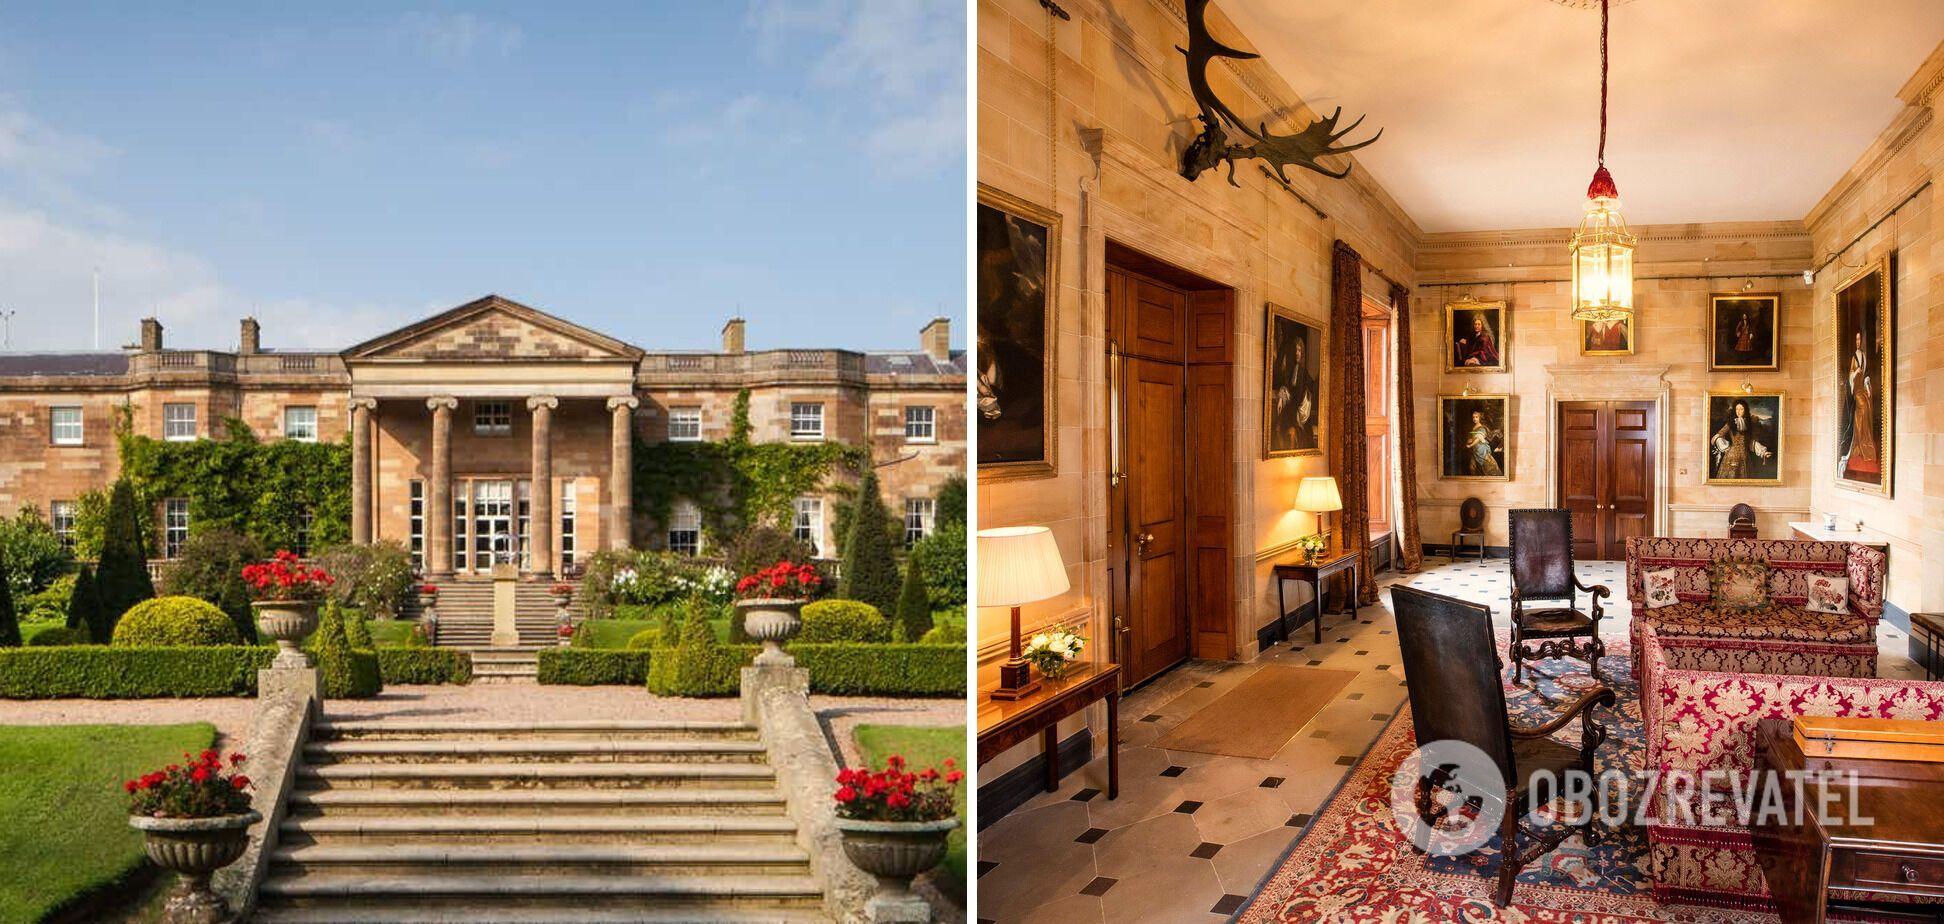 Палац Хіллсборо є офіційною резиденцією королеви під час її візитів до Північної Ірландії